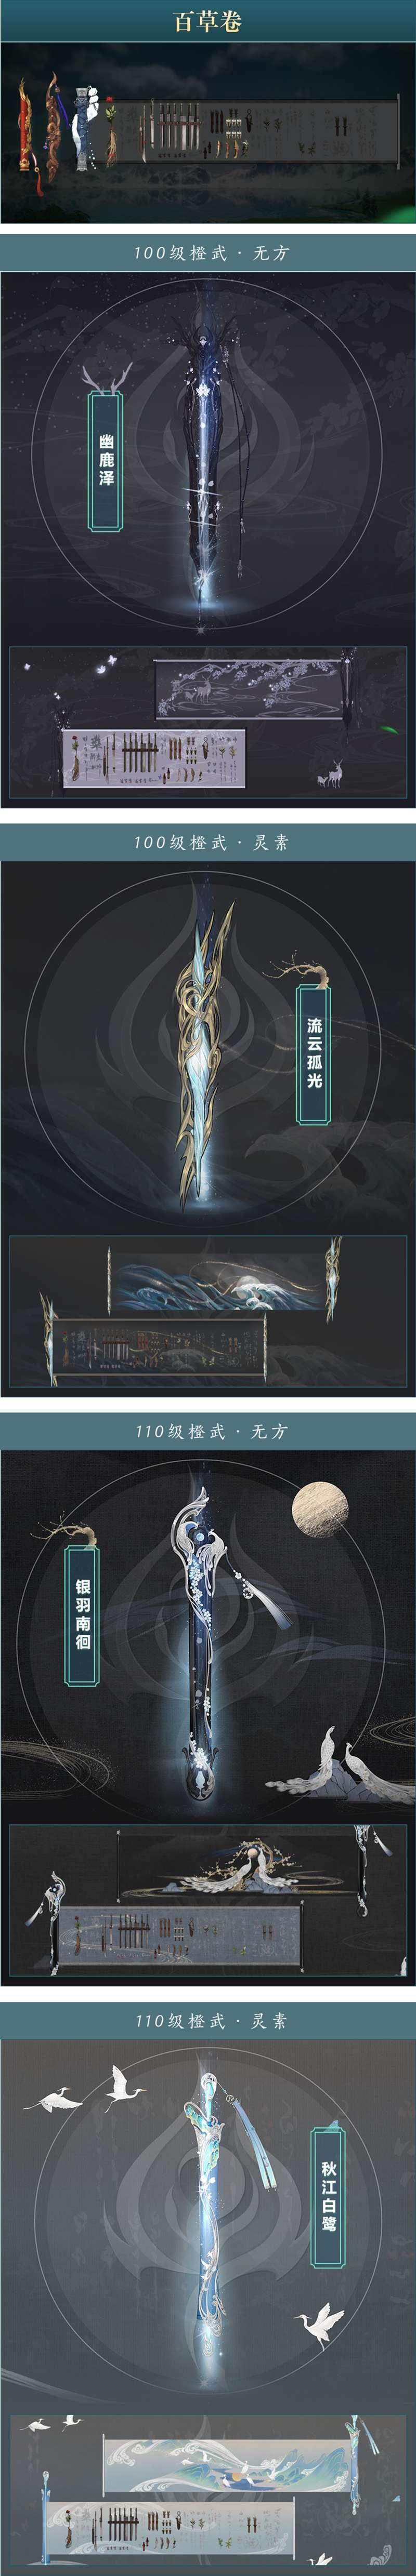 《剑网3》图片11